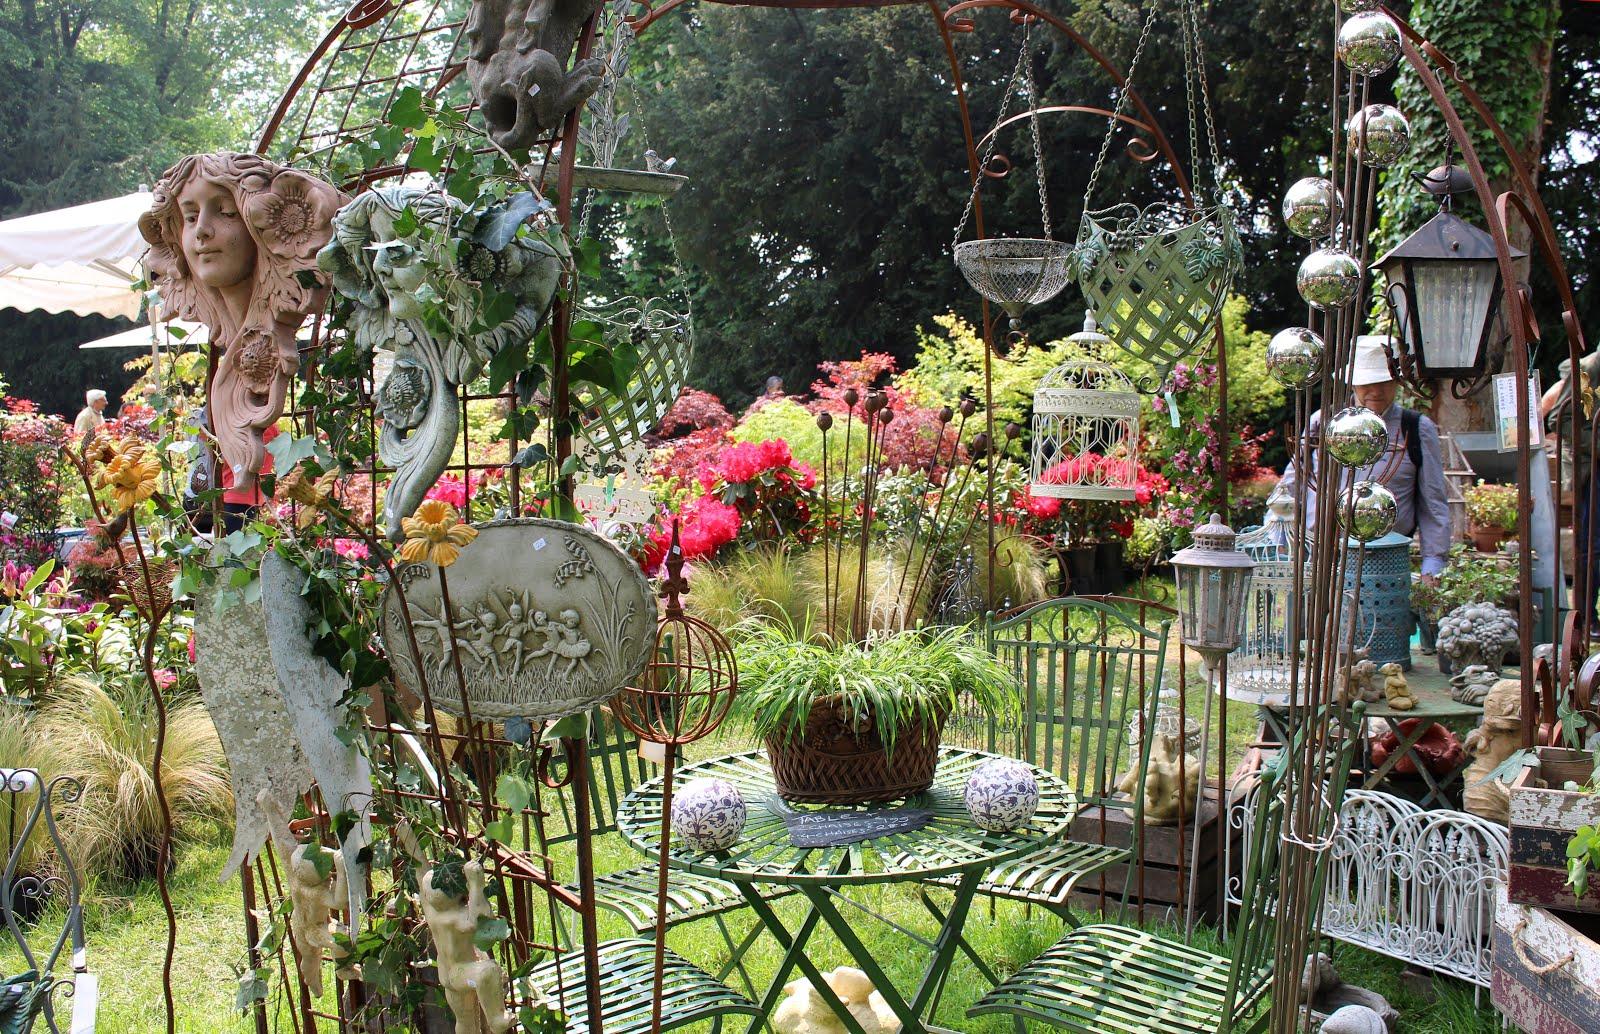 Xx garden journ es des plantes de chantilly printemps et - Journee des plantes chantilly ...